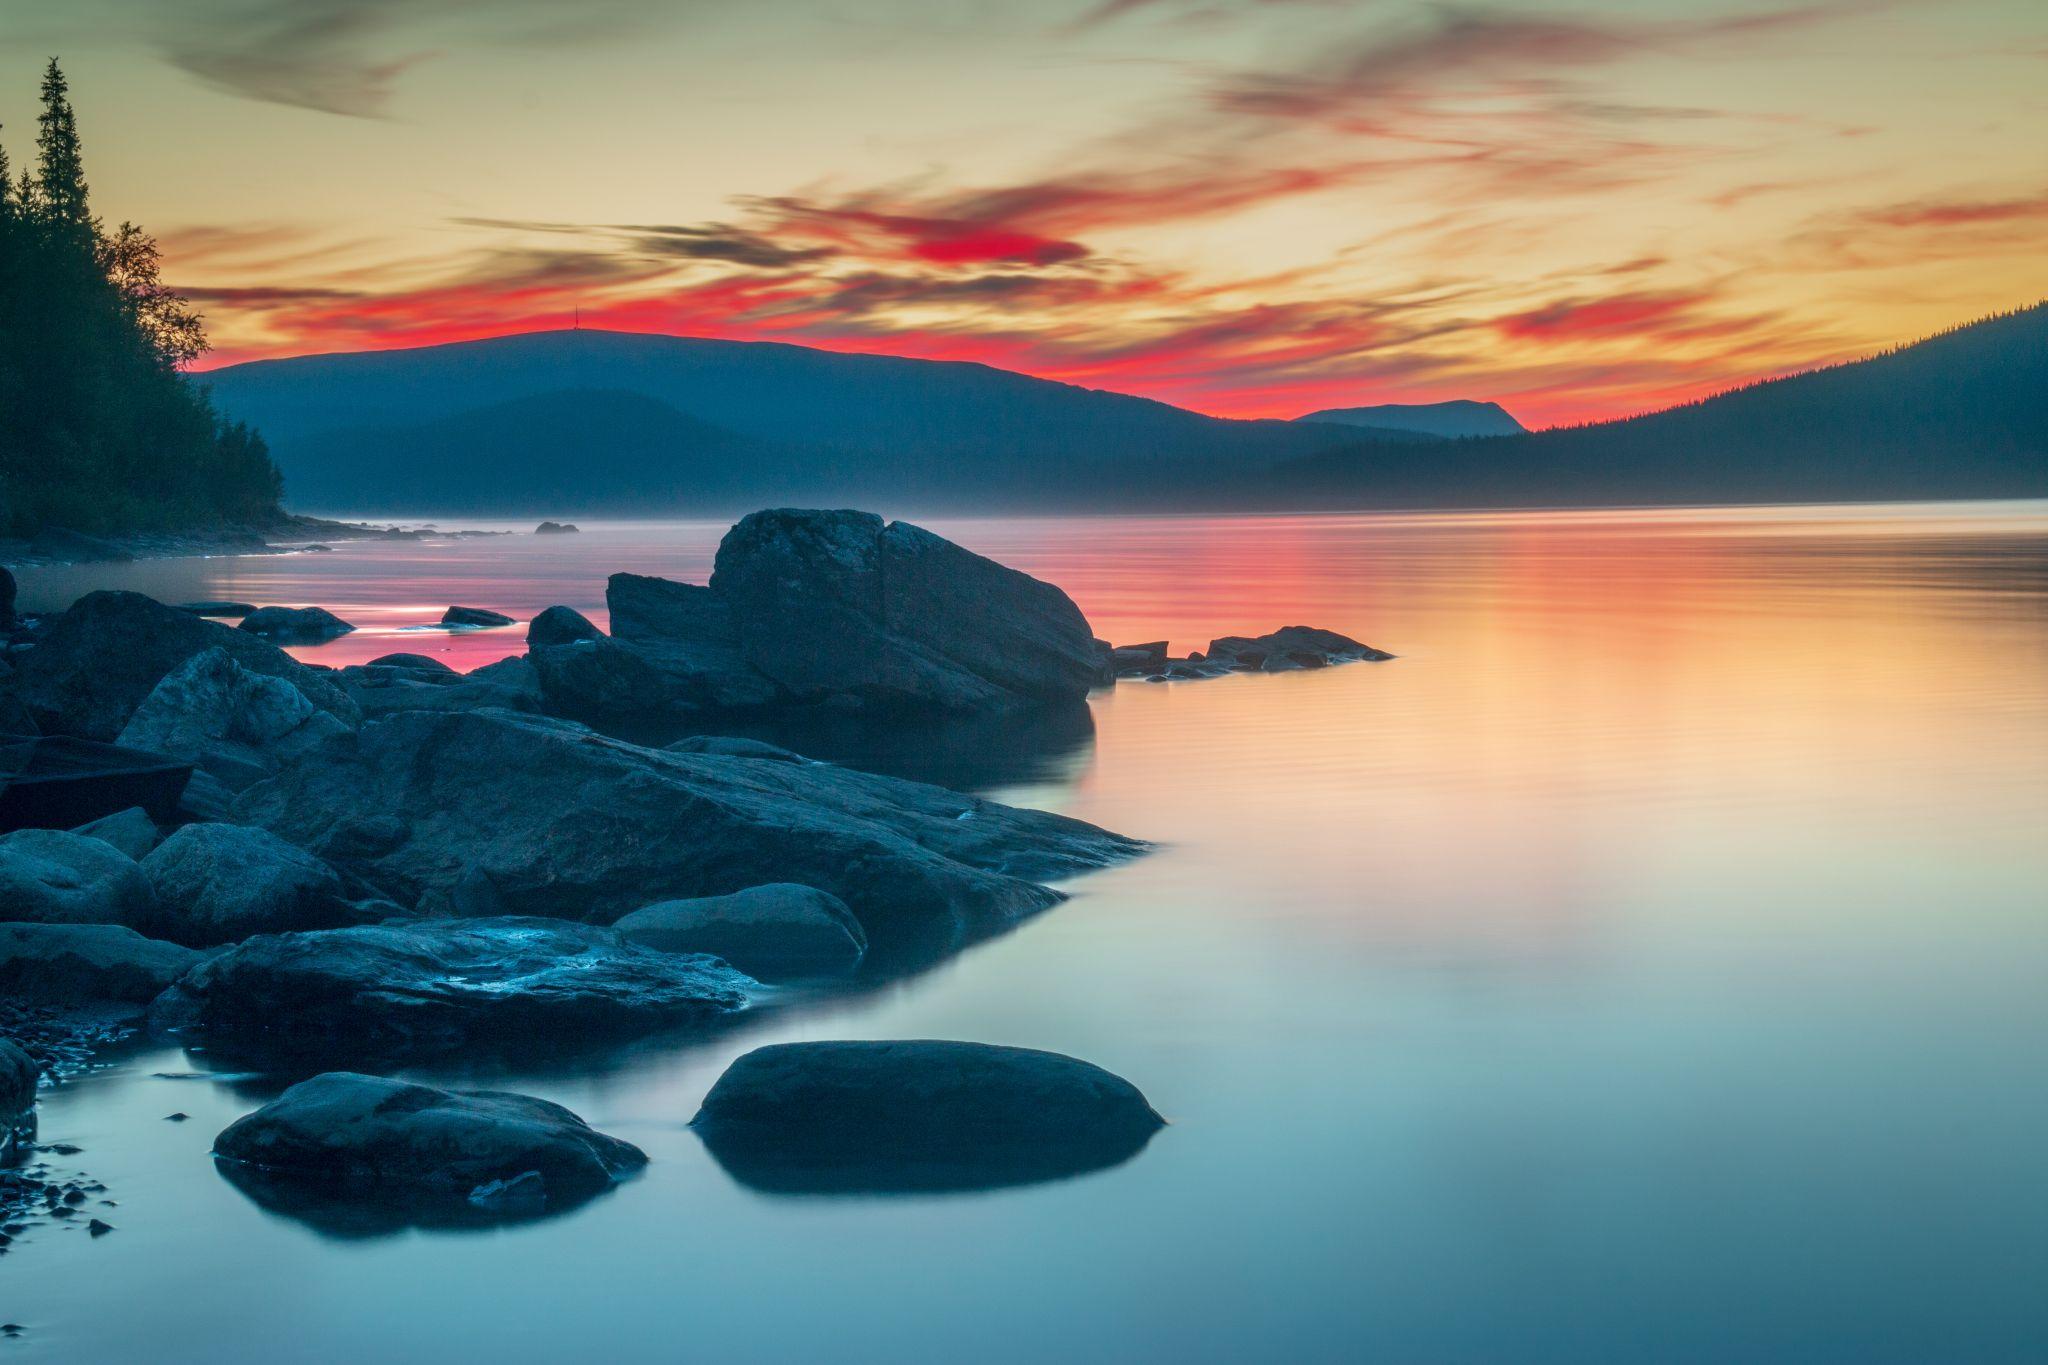 Gautan, Sweden